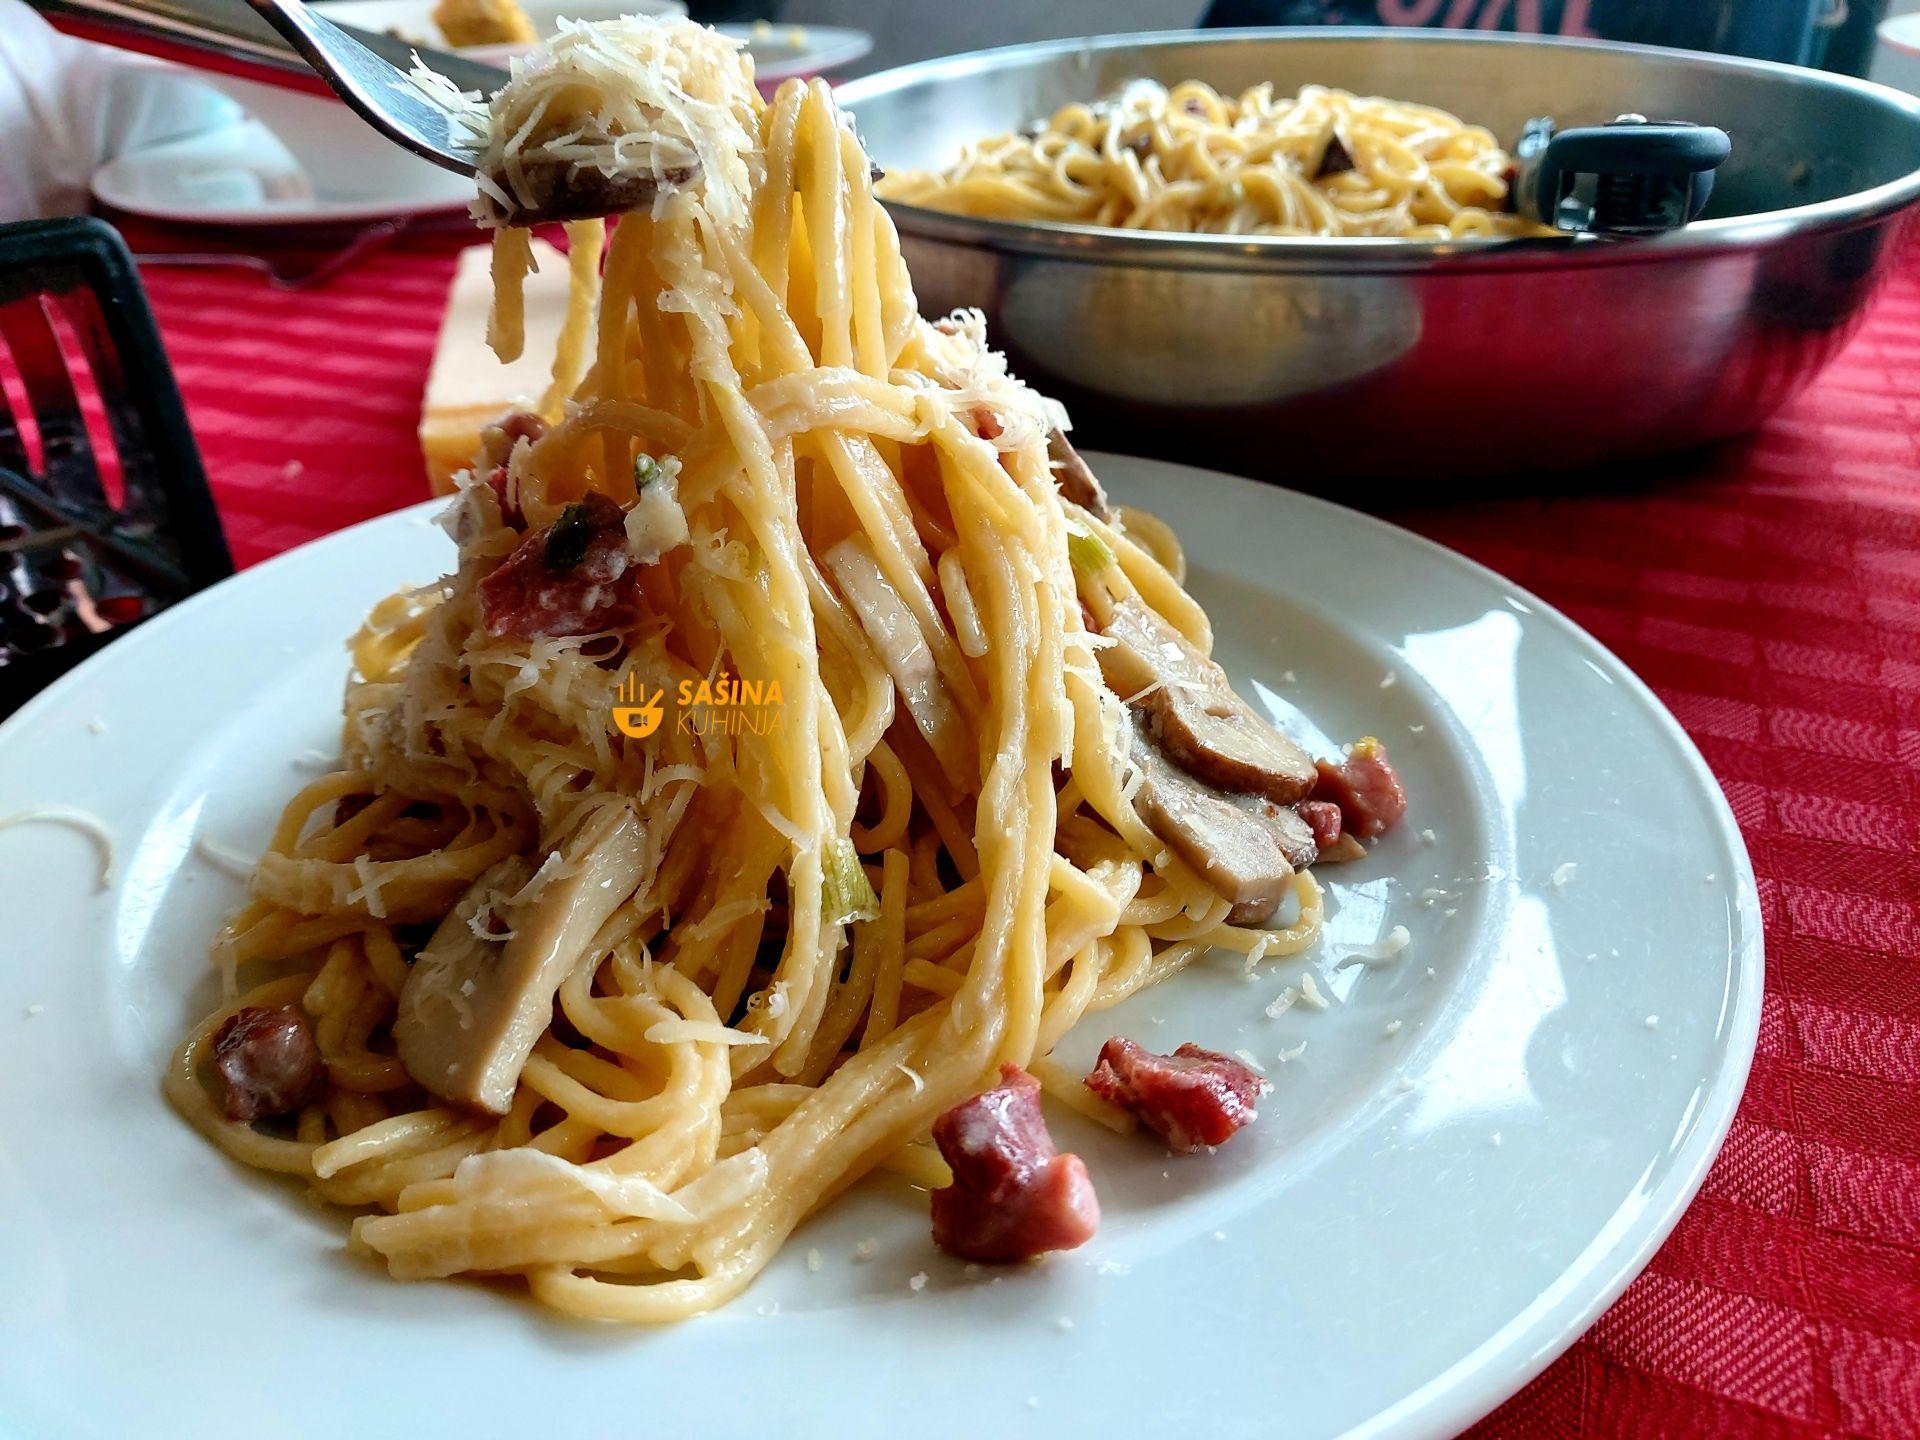 tjestenina sa šunkom mladim lukom gljivama i kiselim vrhnjem